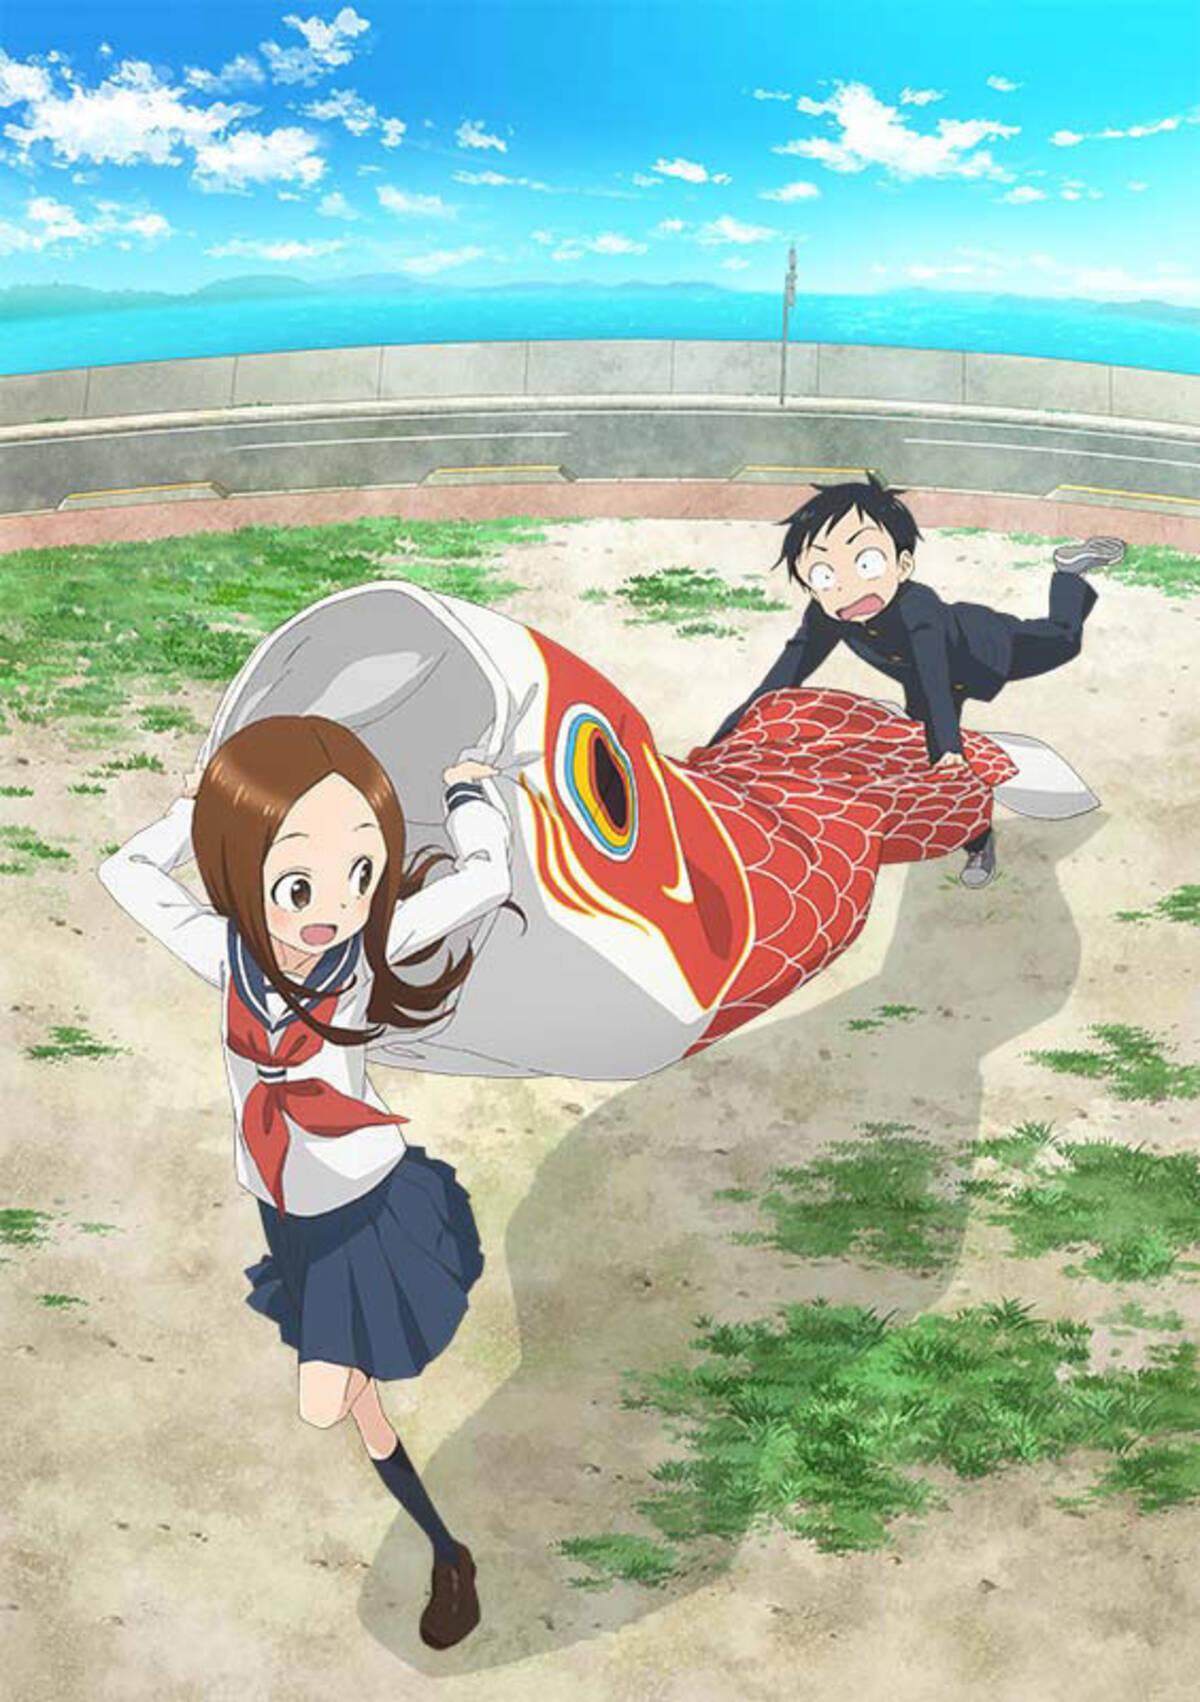 Tvアニメ からかい上手の高木さん2 ティザービジュアル第2弾を